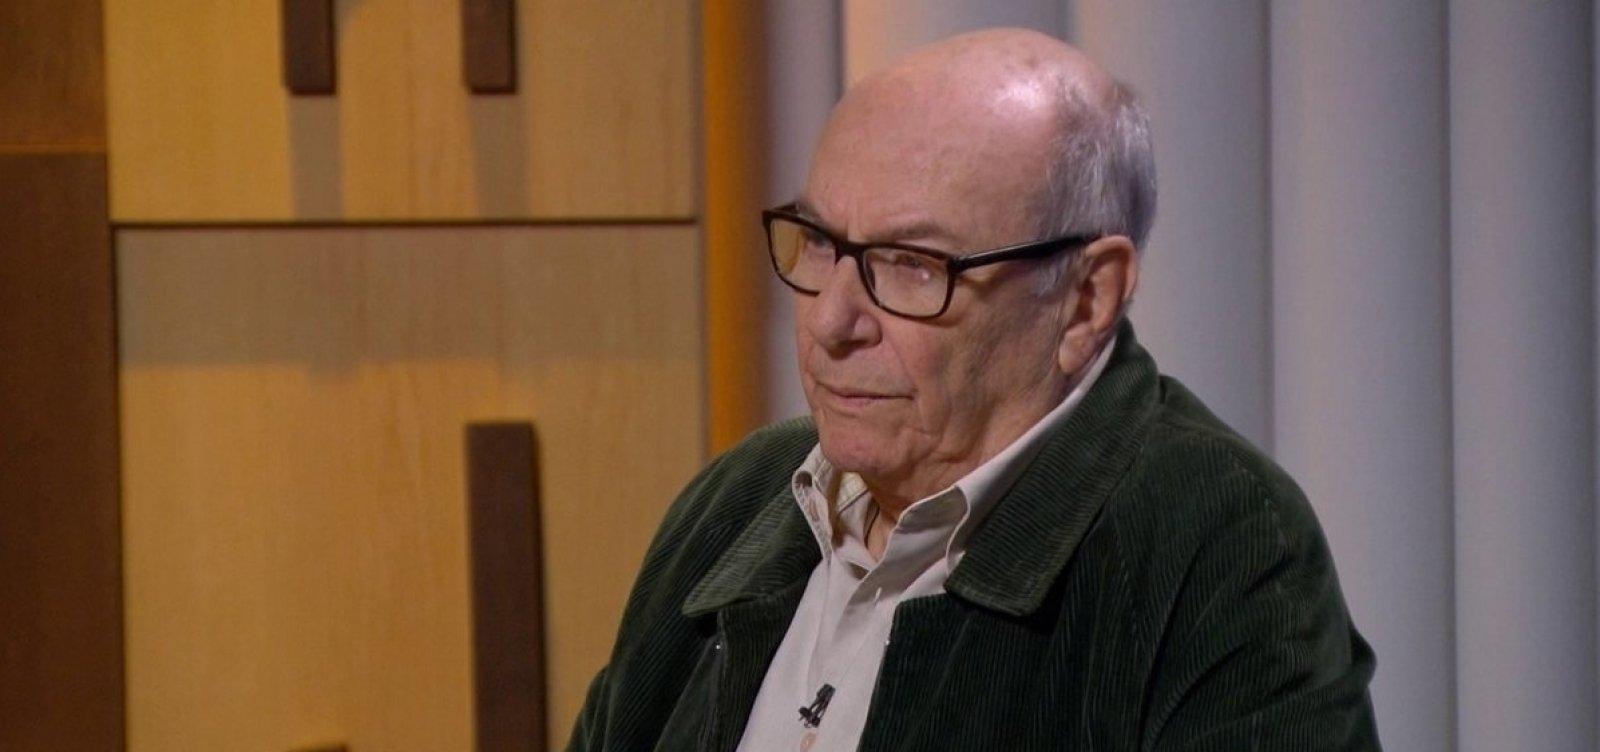 Expoente da filosofia brasileira, José Arthur Giannotti morre aos 91 anos